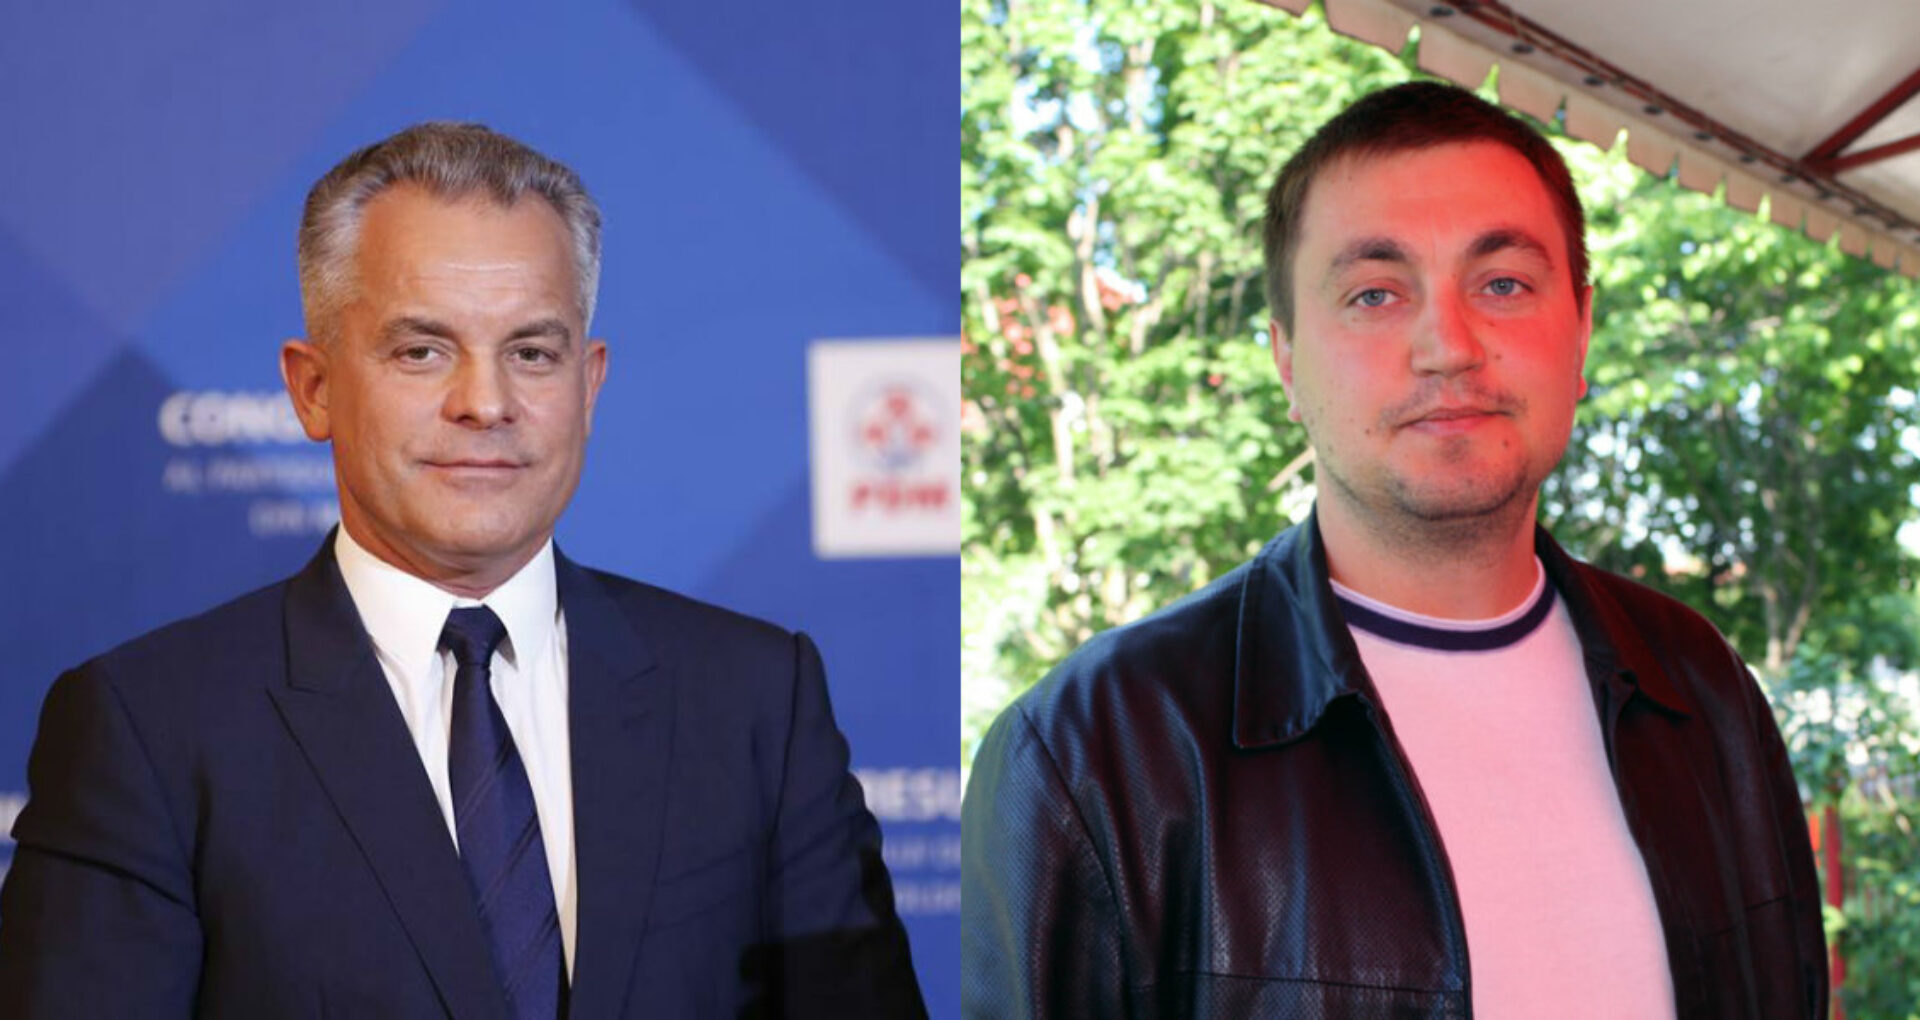 MAI din Rusia îi acuză pe Plahotniuc și Platon de scoaterea ilegală din Rusia a peste 37 de miliarde de ruble